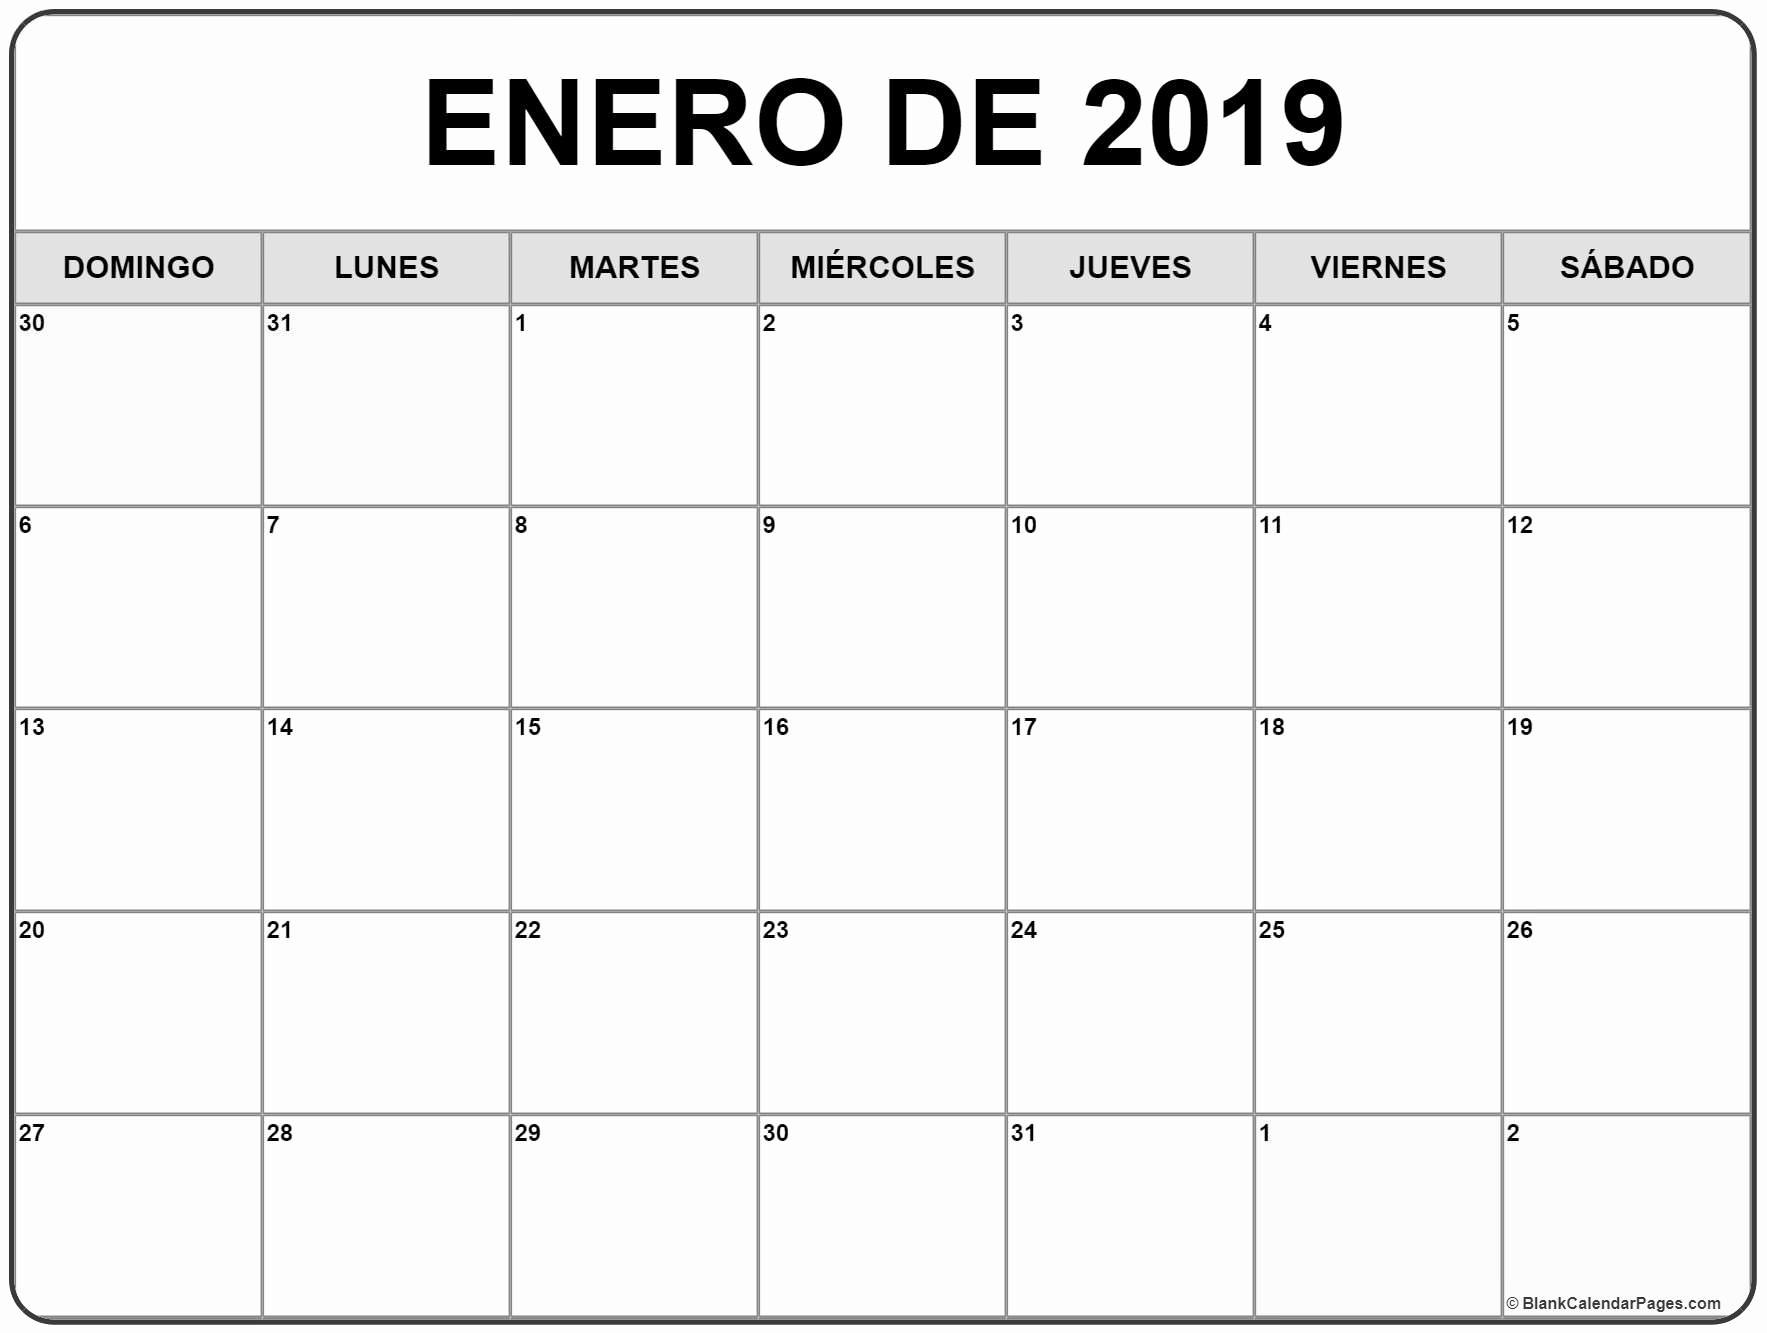 Calendario Legal Colombia 2019 Actual Calendario Dr 2019 Calendario 2019 Of Calendario Legal Colombia 2019 Más Populares Calendario Dr 2019 Calendario Argentina Ano 2019 Feriados